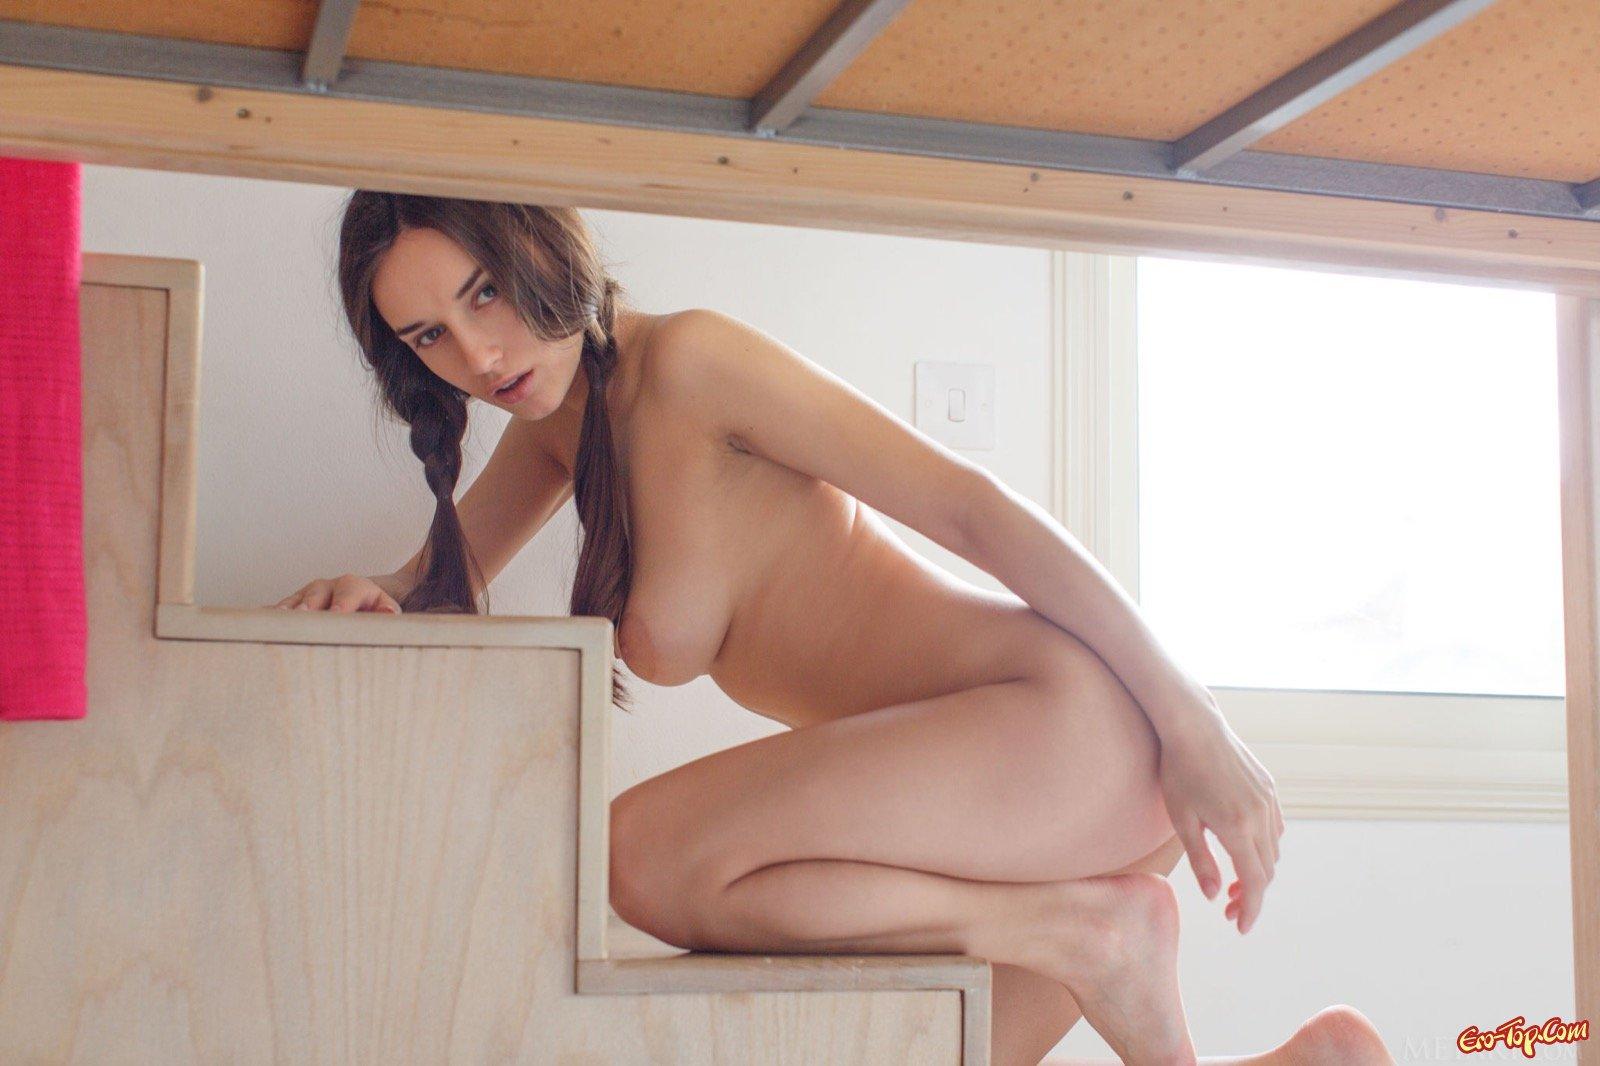 Дром ру показать топкинских девчонок в кемерово занимающихся порно сексом